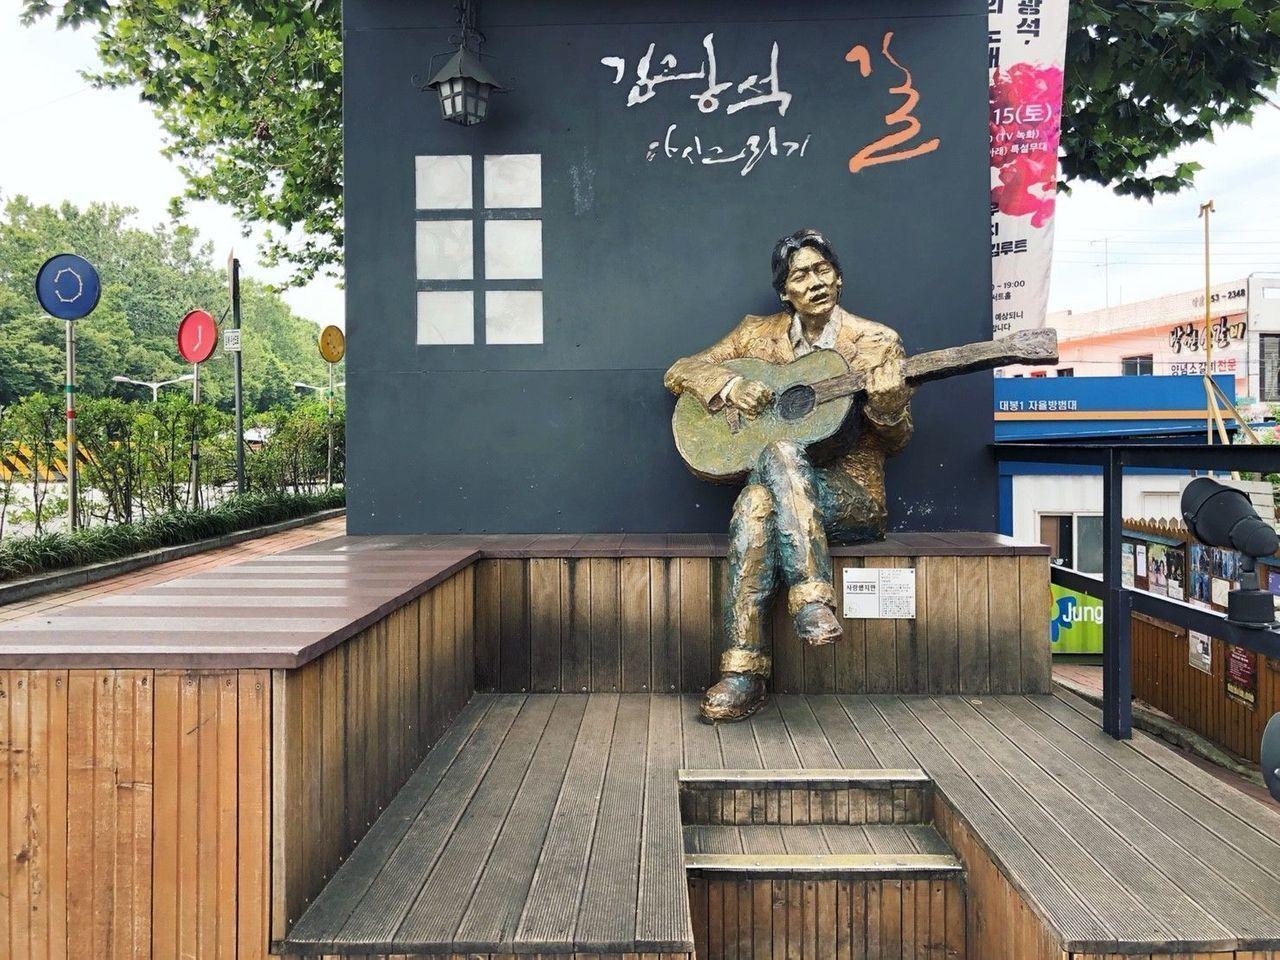 韓國釜慶邱深度文化之旅長腳蟹五天